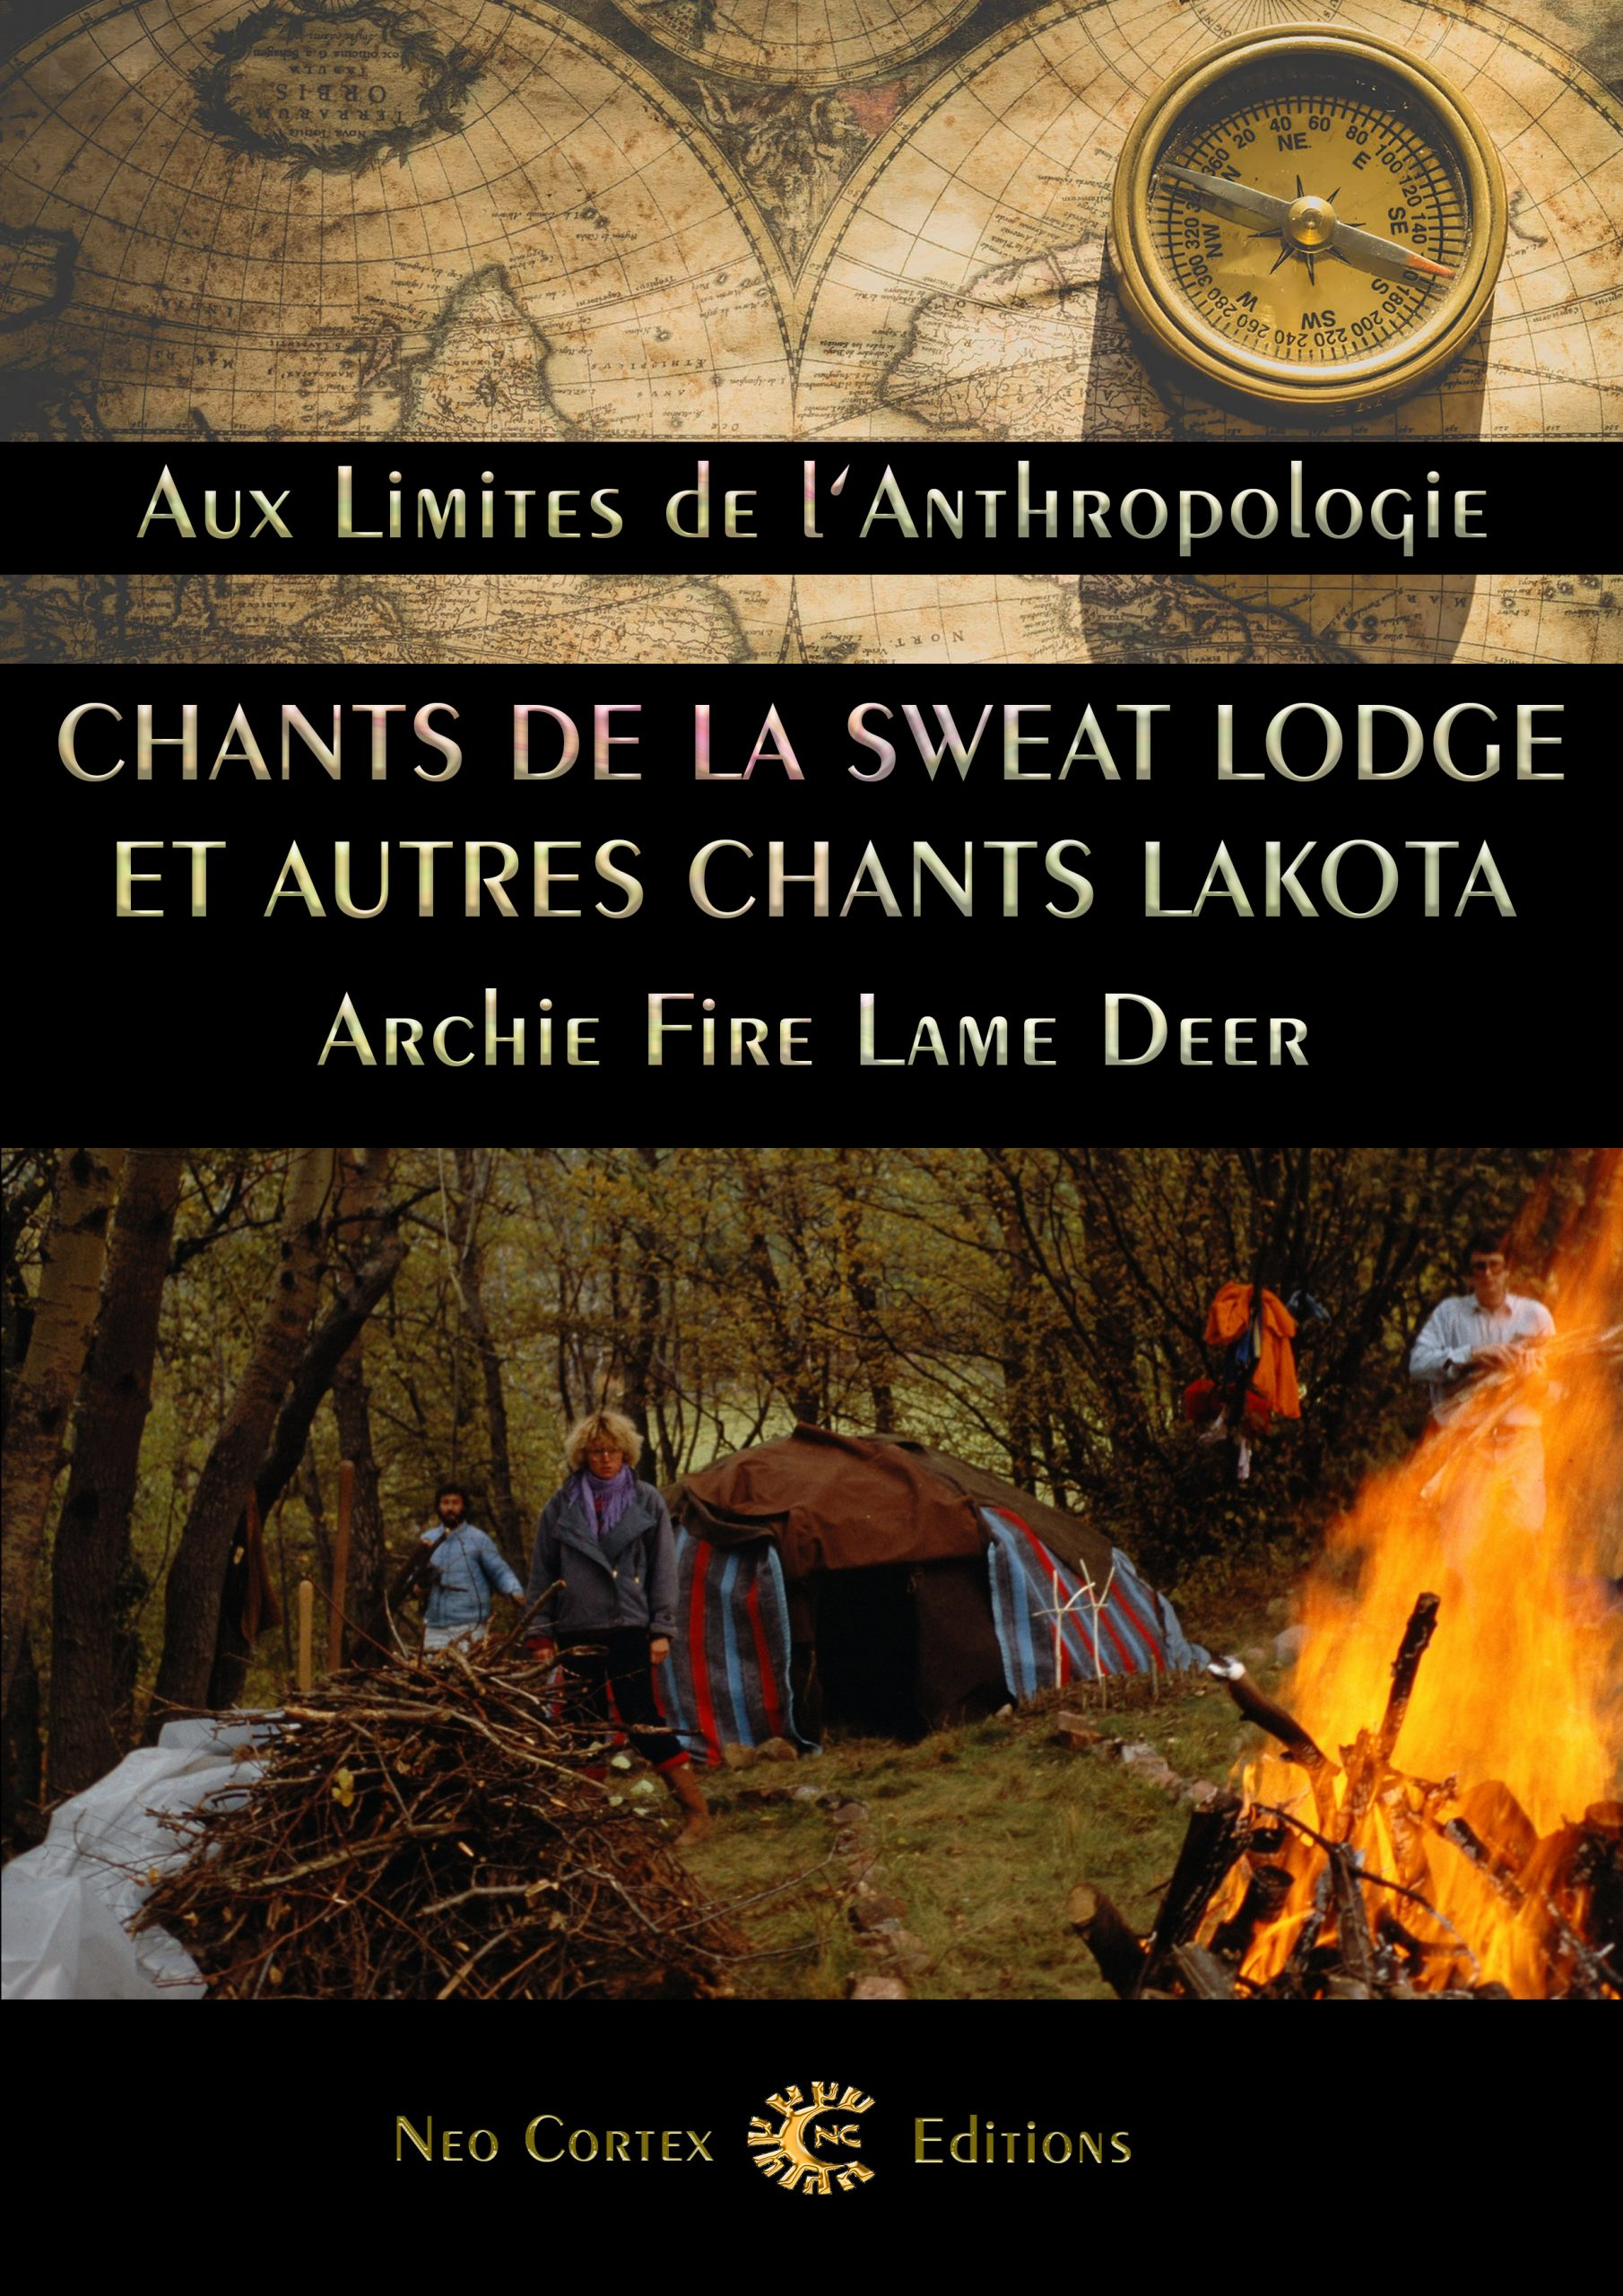 Chants de la Sweat Lodge et autres chants sioux-lakota - Archie Fire Lame Deer